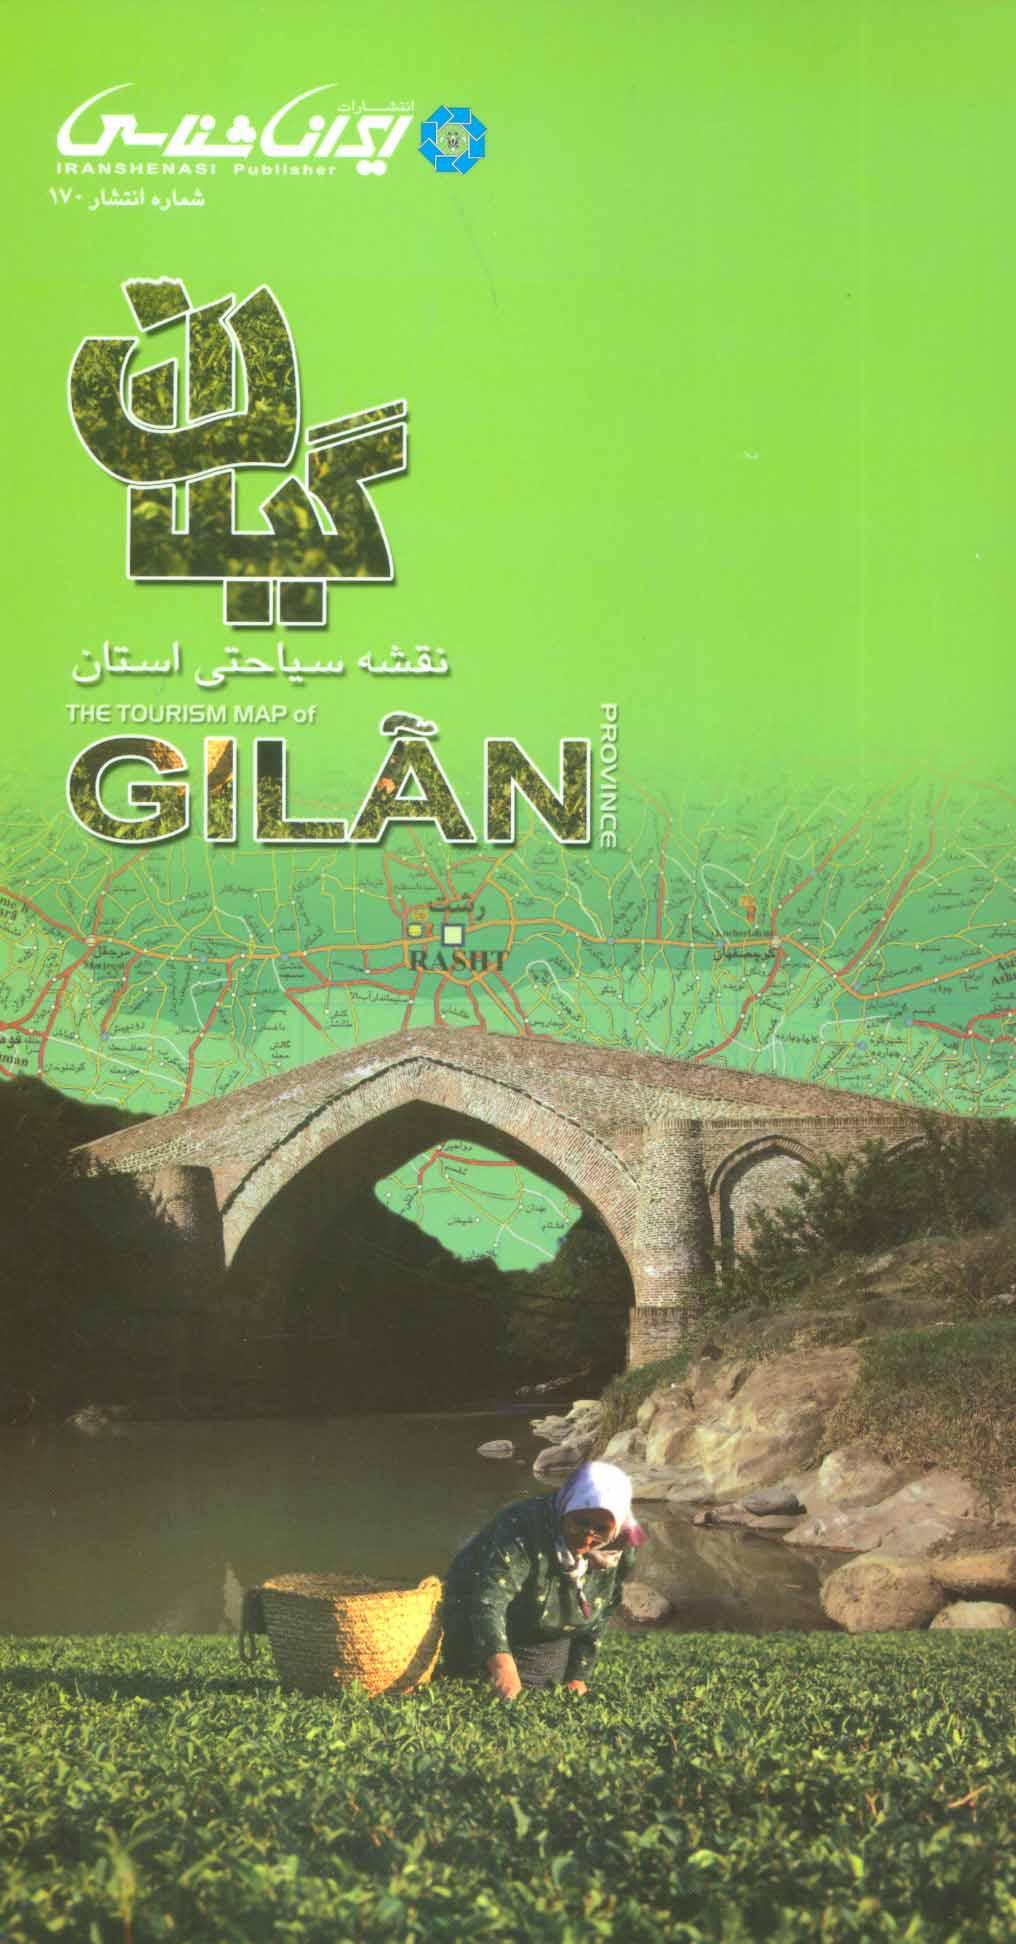 نقشه سیاحتی استان گیلان (گلاسه)